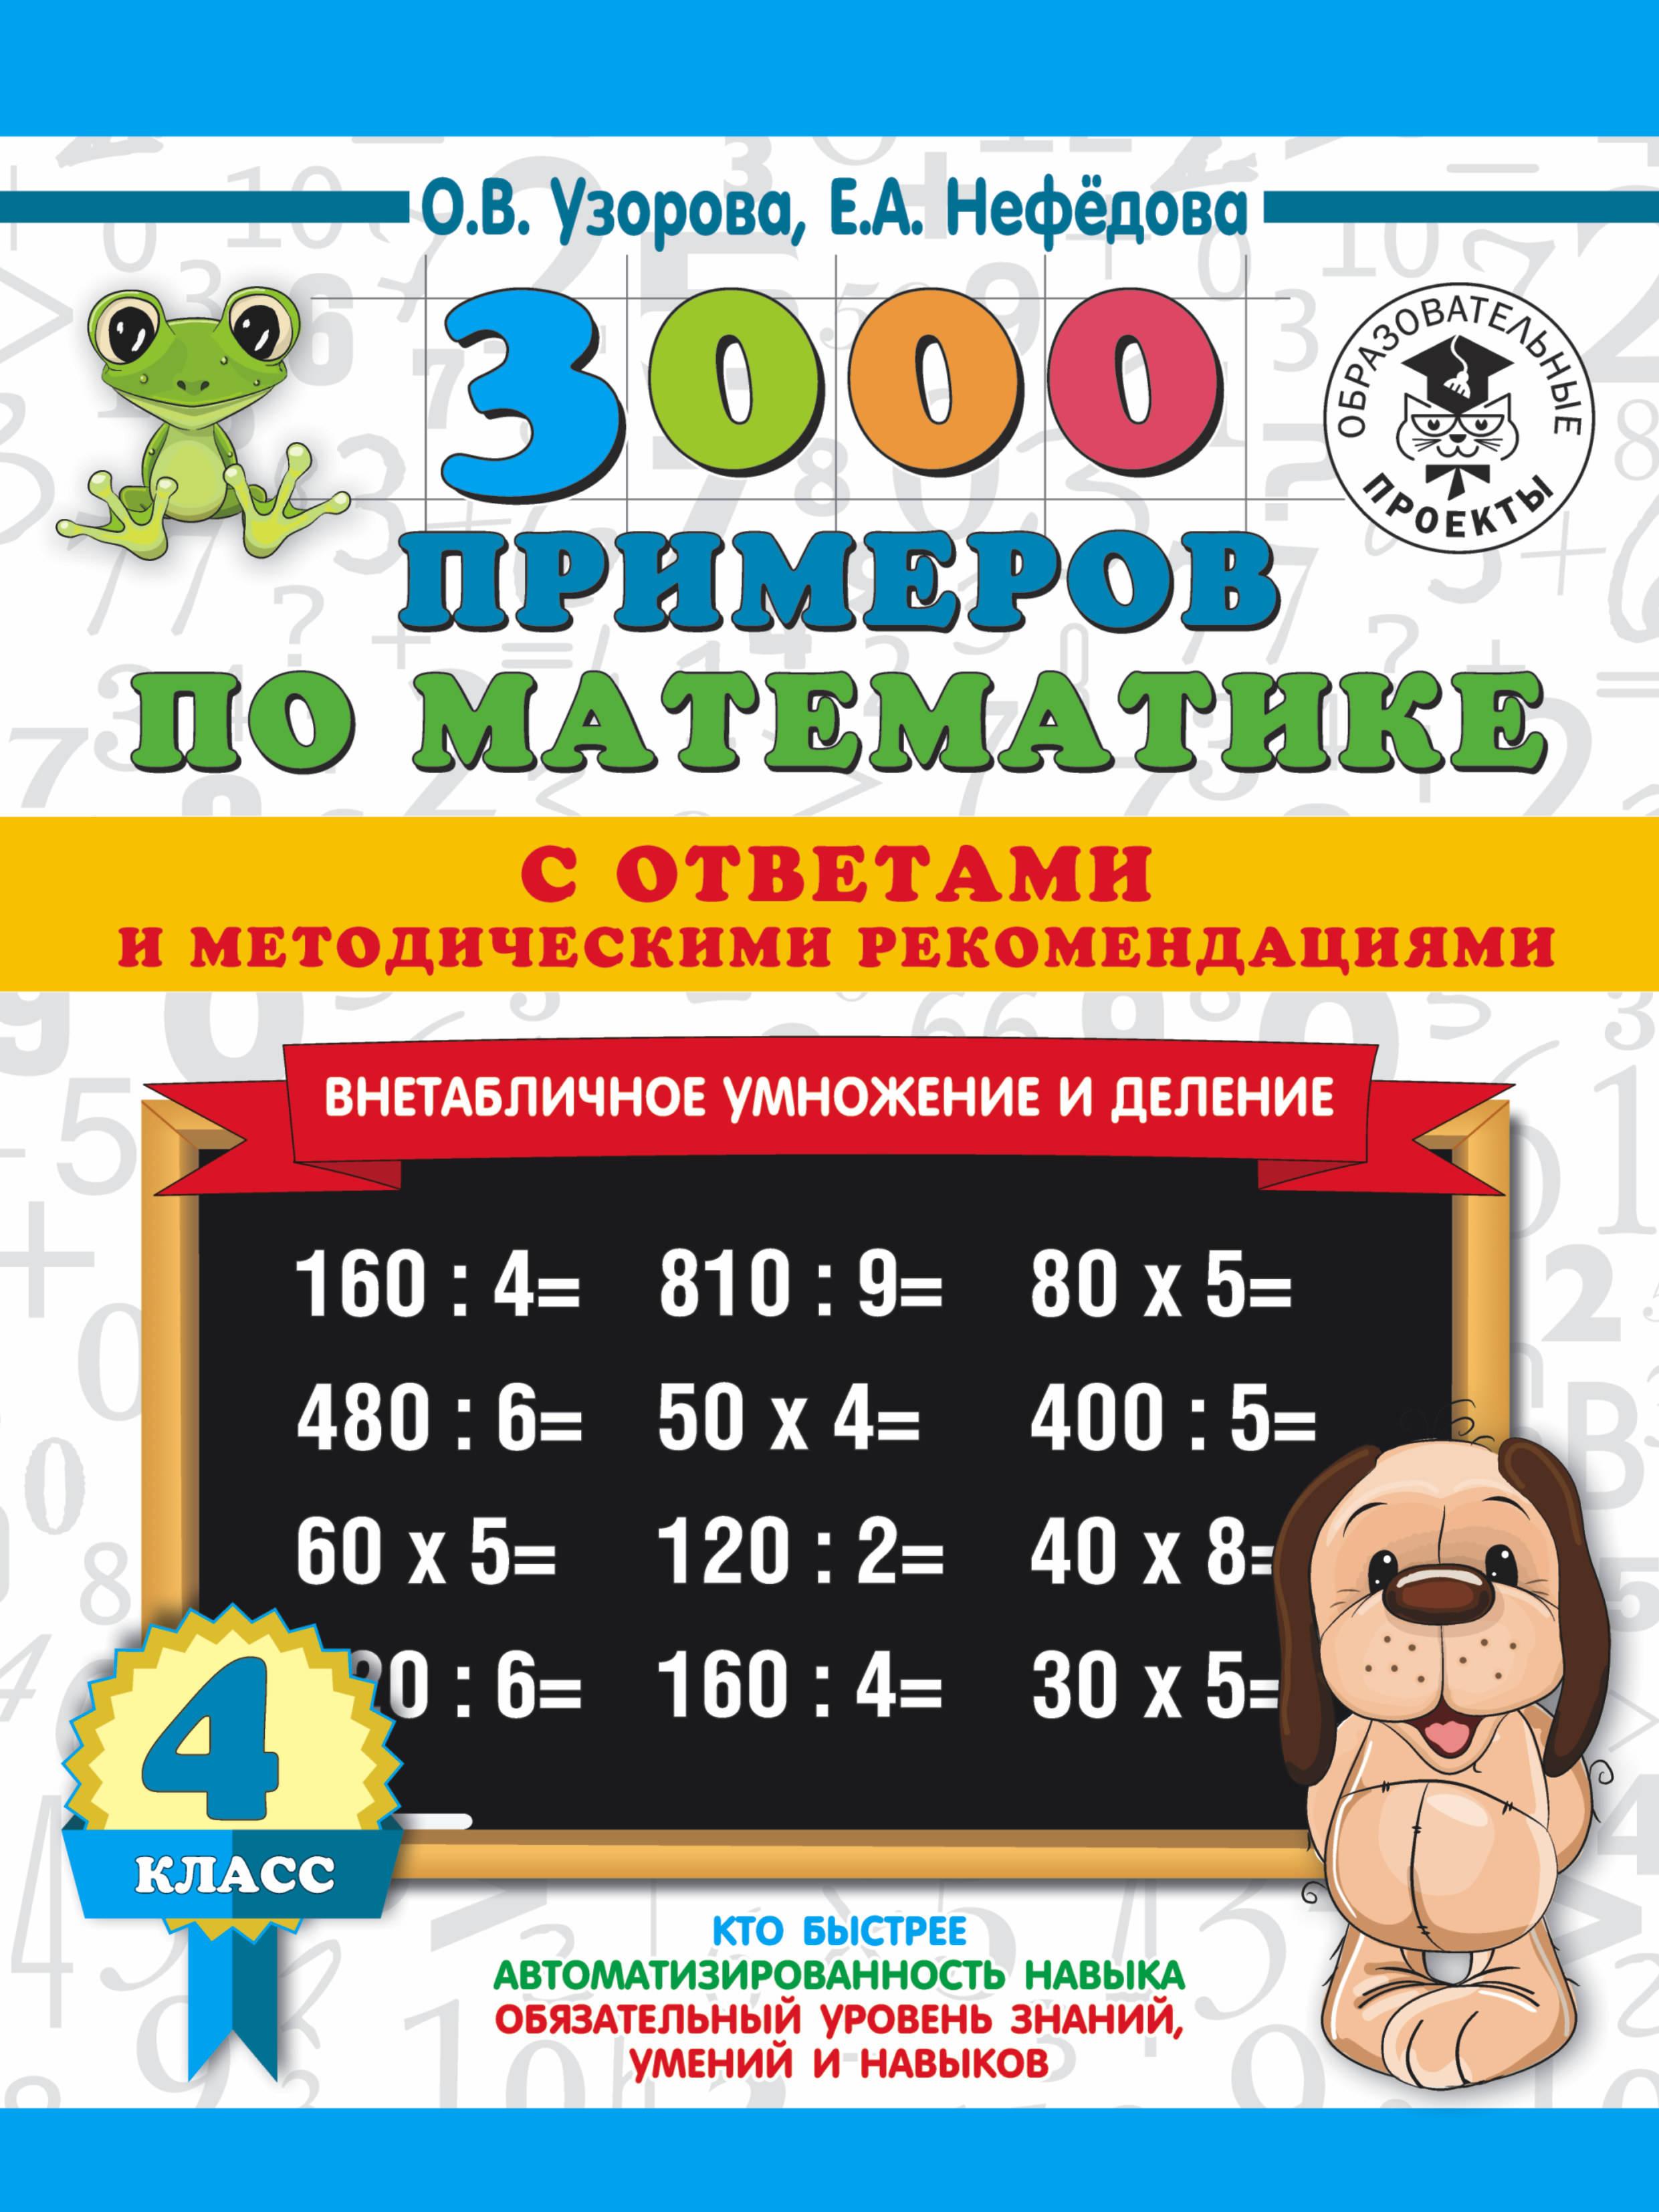 3000 примеров по математике. Внетабличное умножение и деление. С ответами и методическими рекомендациями. 4 класс ( Узорова О.В., Нефёдова Е.А.  )